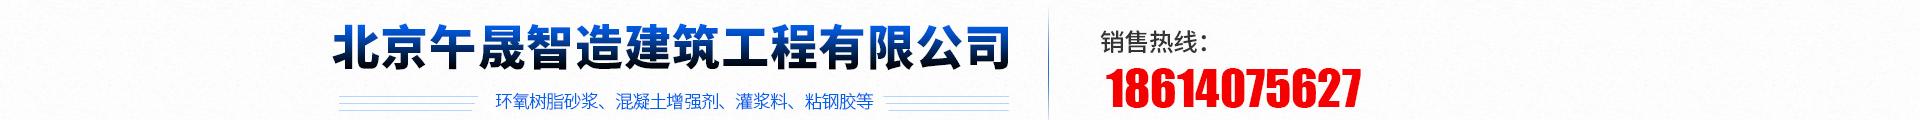 北京午晟智造建築工程有限公司